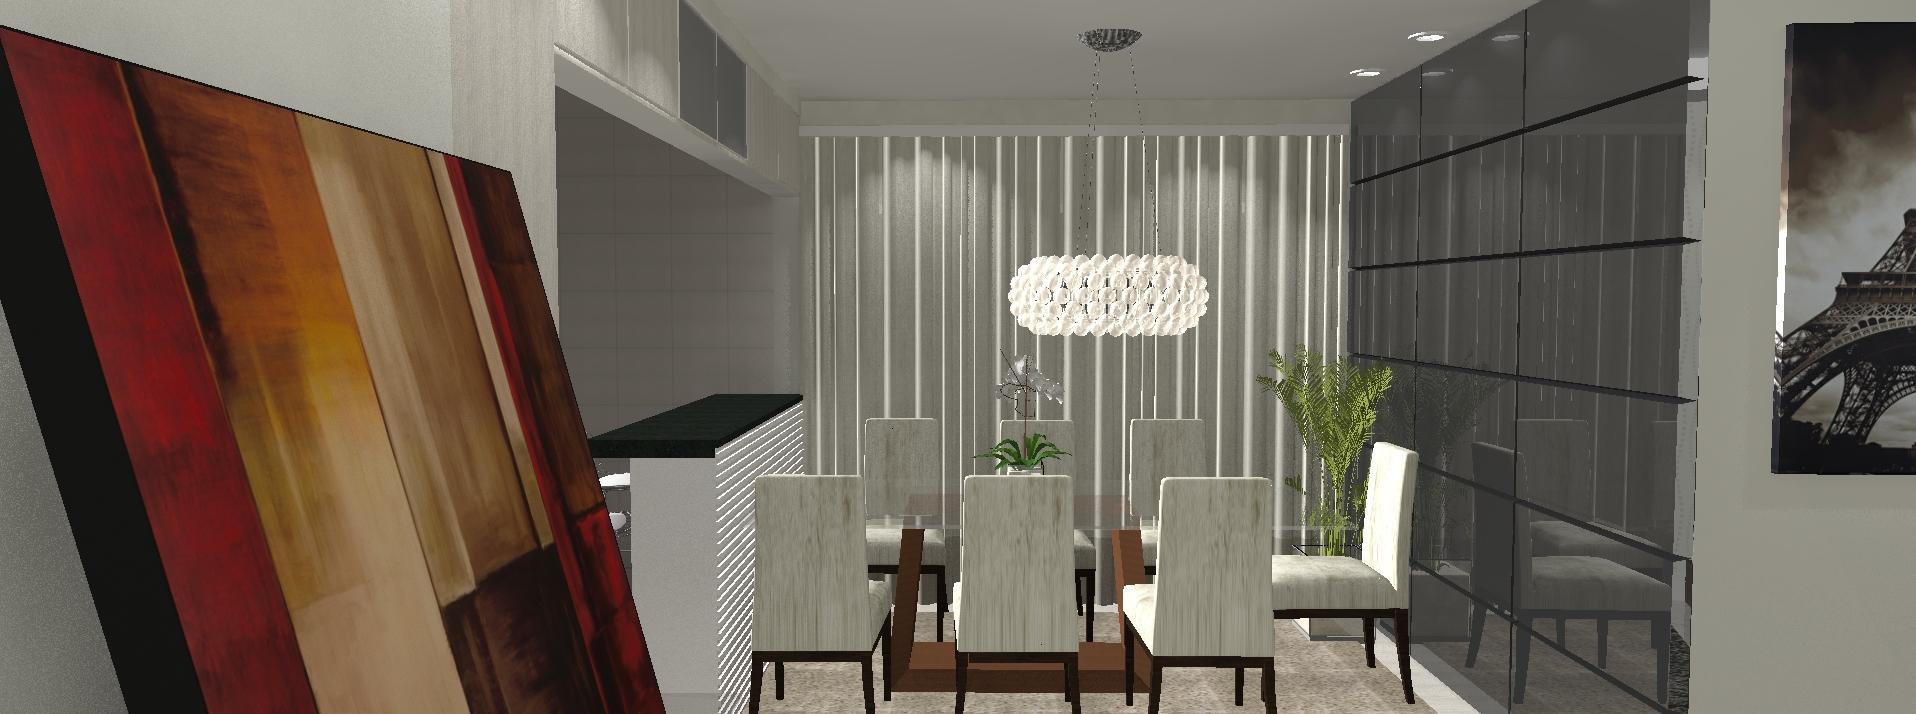 Sala De Estar E Jantar Moveis ~ planejado por um profissional além de se adequar ao estilo de